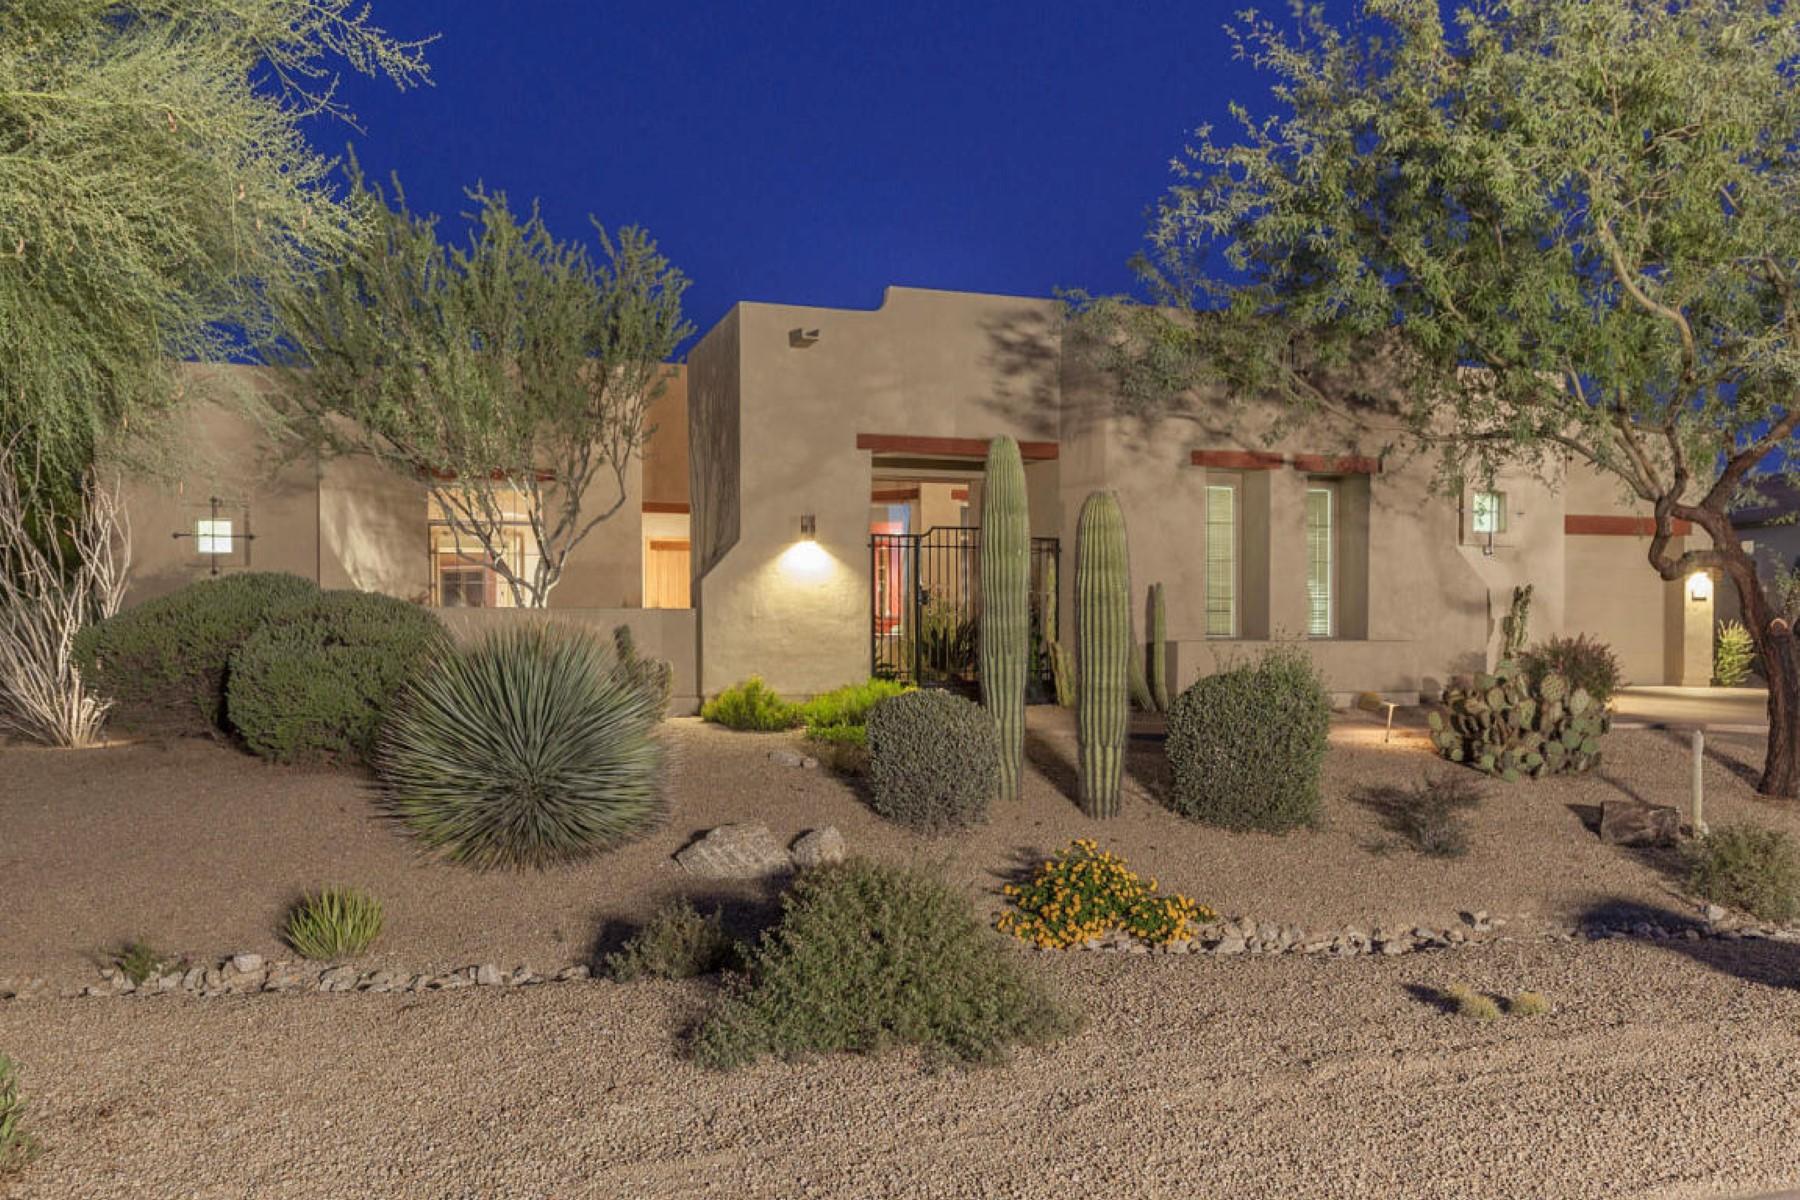 Частный односемейный дом для того Продажа на Stunning residence in Cortona Scottsdale 8310 E Nightingale Star Dr Scottsdale, Аризона, 85266 Соединенные Штаты